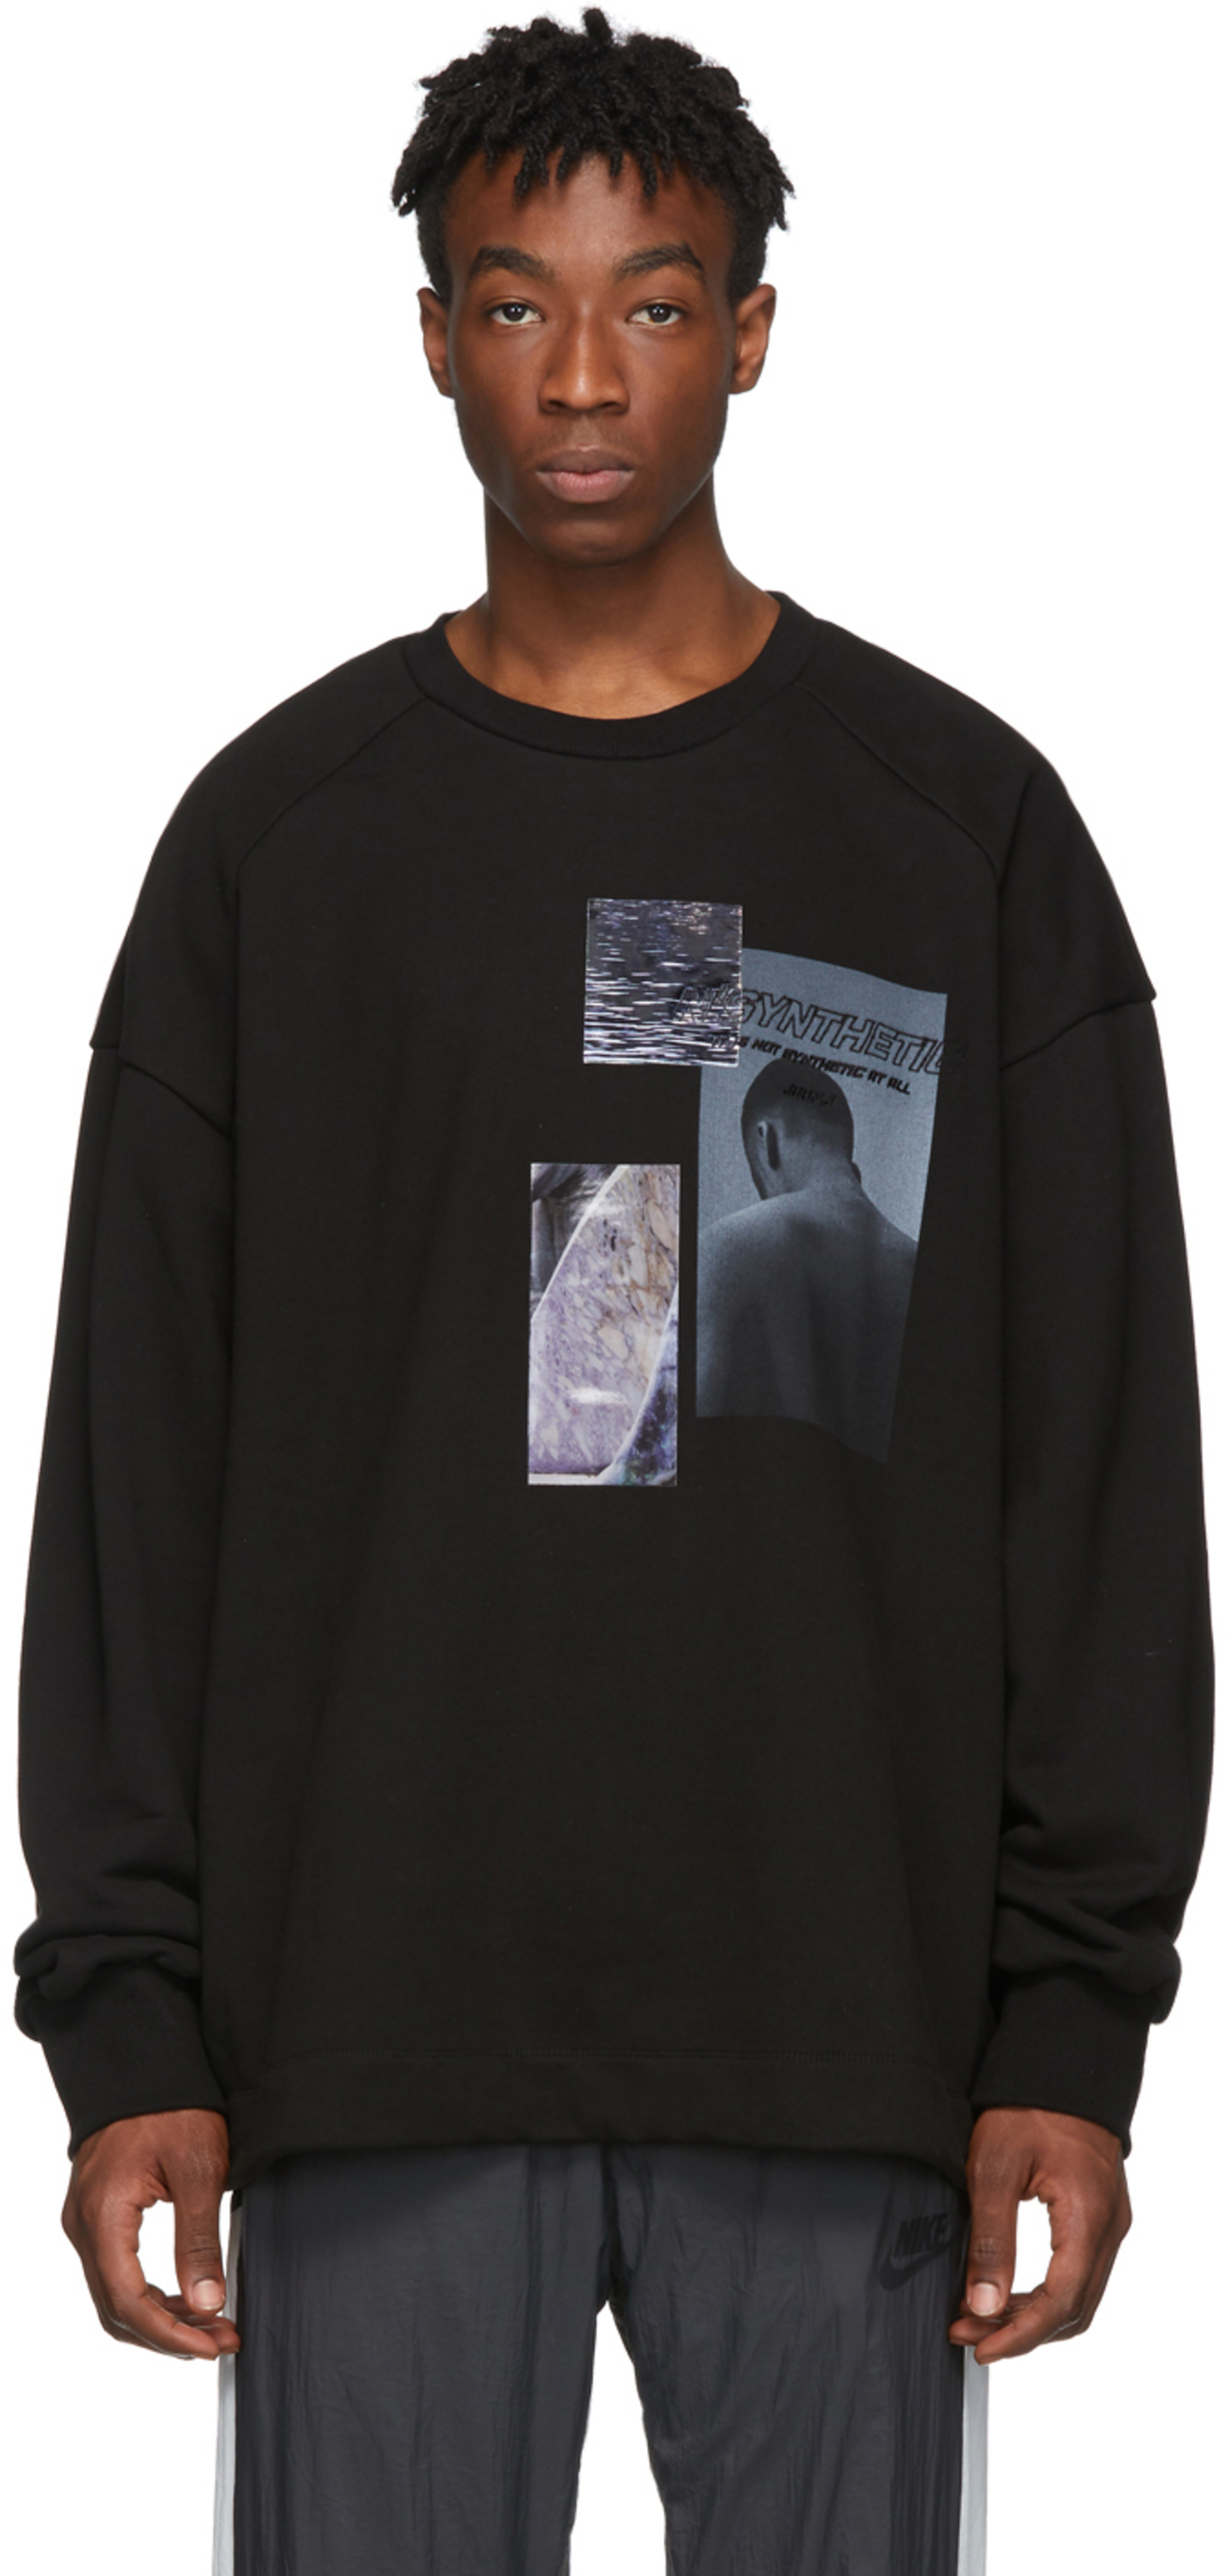 c4f06aed167 Designer sweatshirts for Men   SSENSE